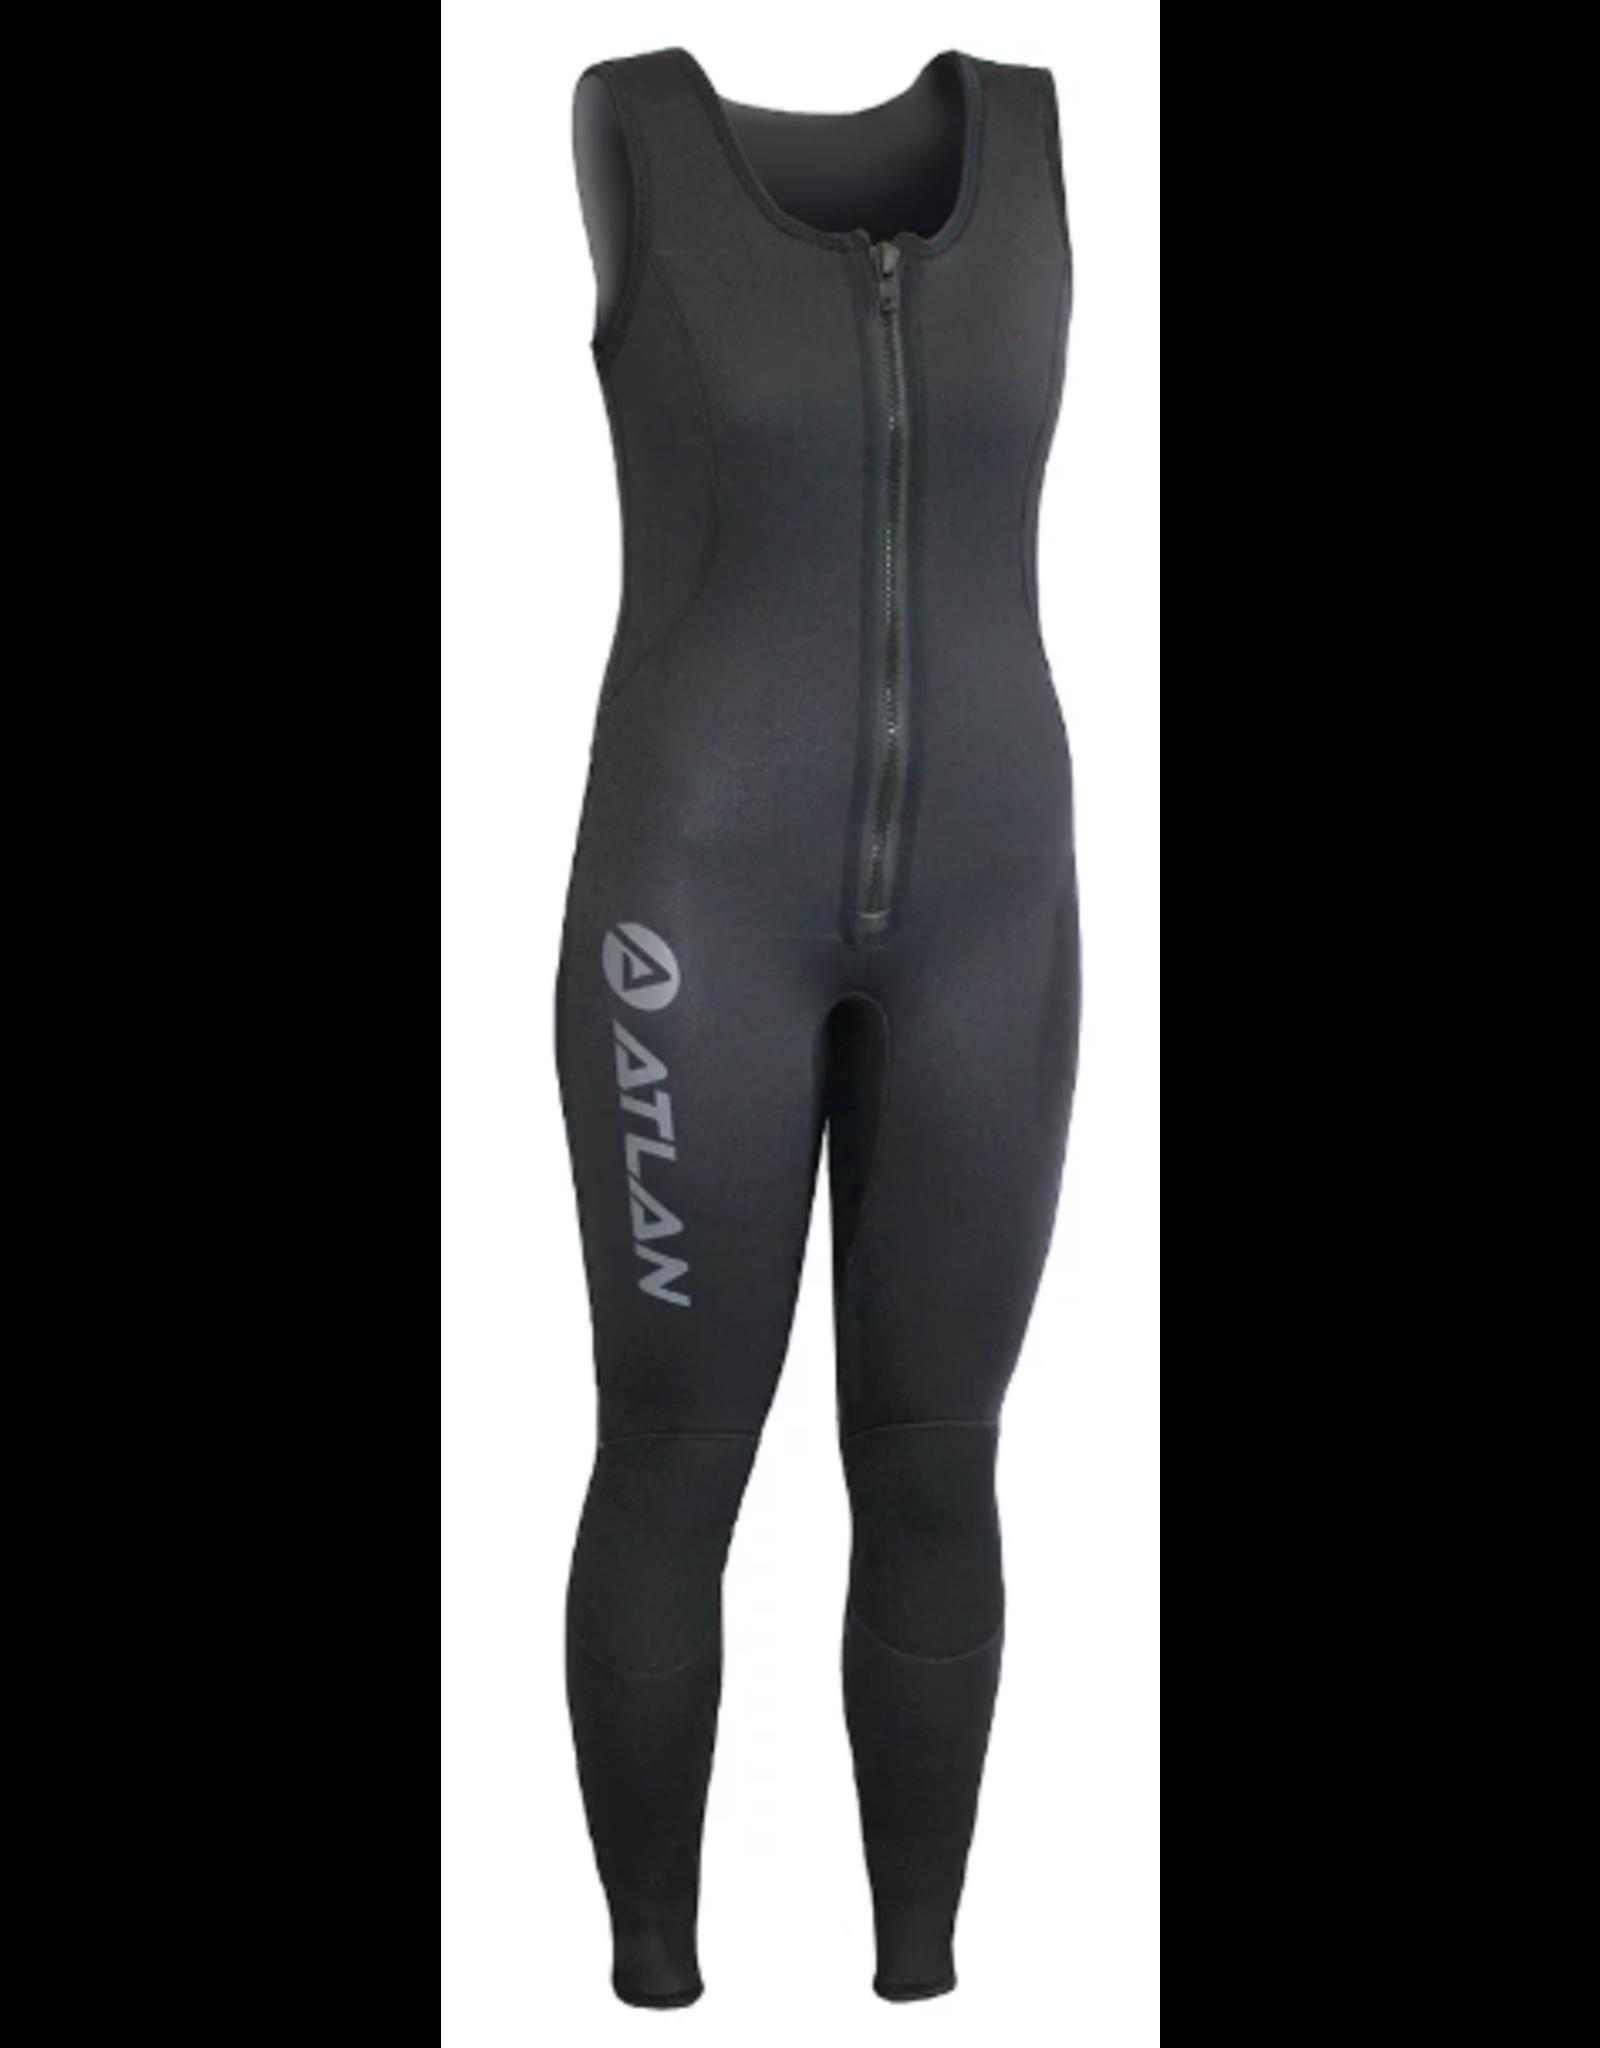 Atlan Atlan wetsuit Sirenis